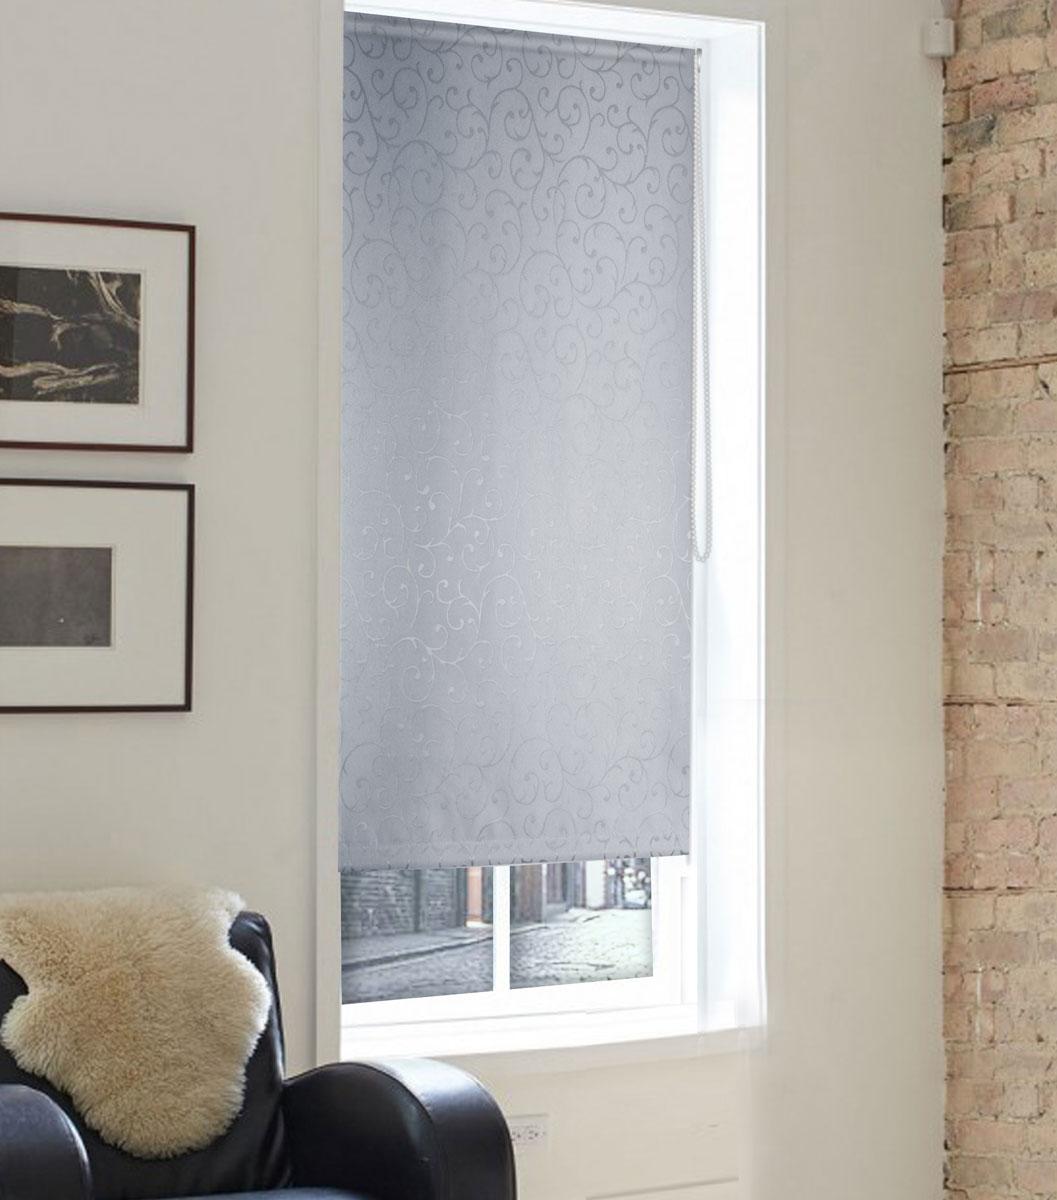 Штора рулонная Эскар Миниролло. Агат, фактурная, цвет: серый, ширина 68 см, высота 160 см37022068160Рулонная штора Эскар Миниролло. Агат выполнена из высокопрочной ткани, которая сохраняет свой размер даже при намокании. Ткань не выцветает и обладает отличной цветоустойчивостью. Миниролло - это подвид рулонных штор, который закрывает не весь оконный проем, а непосредственно само стекло. Такие шторы крепятся на раму без сверления при помощи зажимов или клейкой двухсторонней ленты. Окно остается на гарантии, благодаря монтажу без сверления. Такая штора станет прекрасным элементом декора окна и гармонично впишется в интерьер любого помещения.